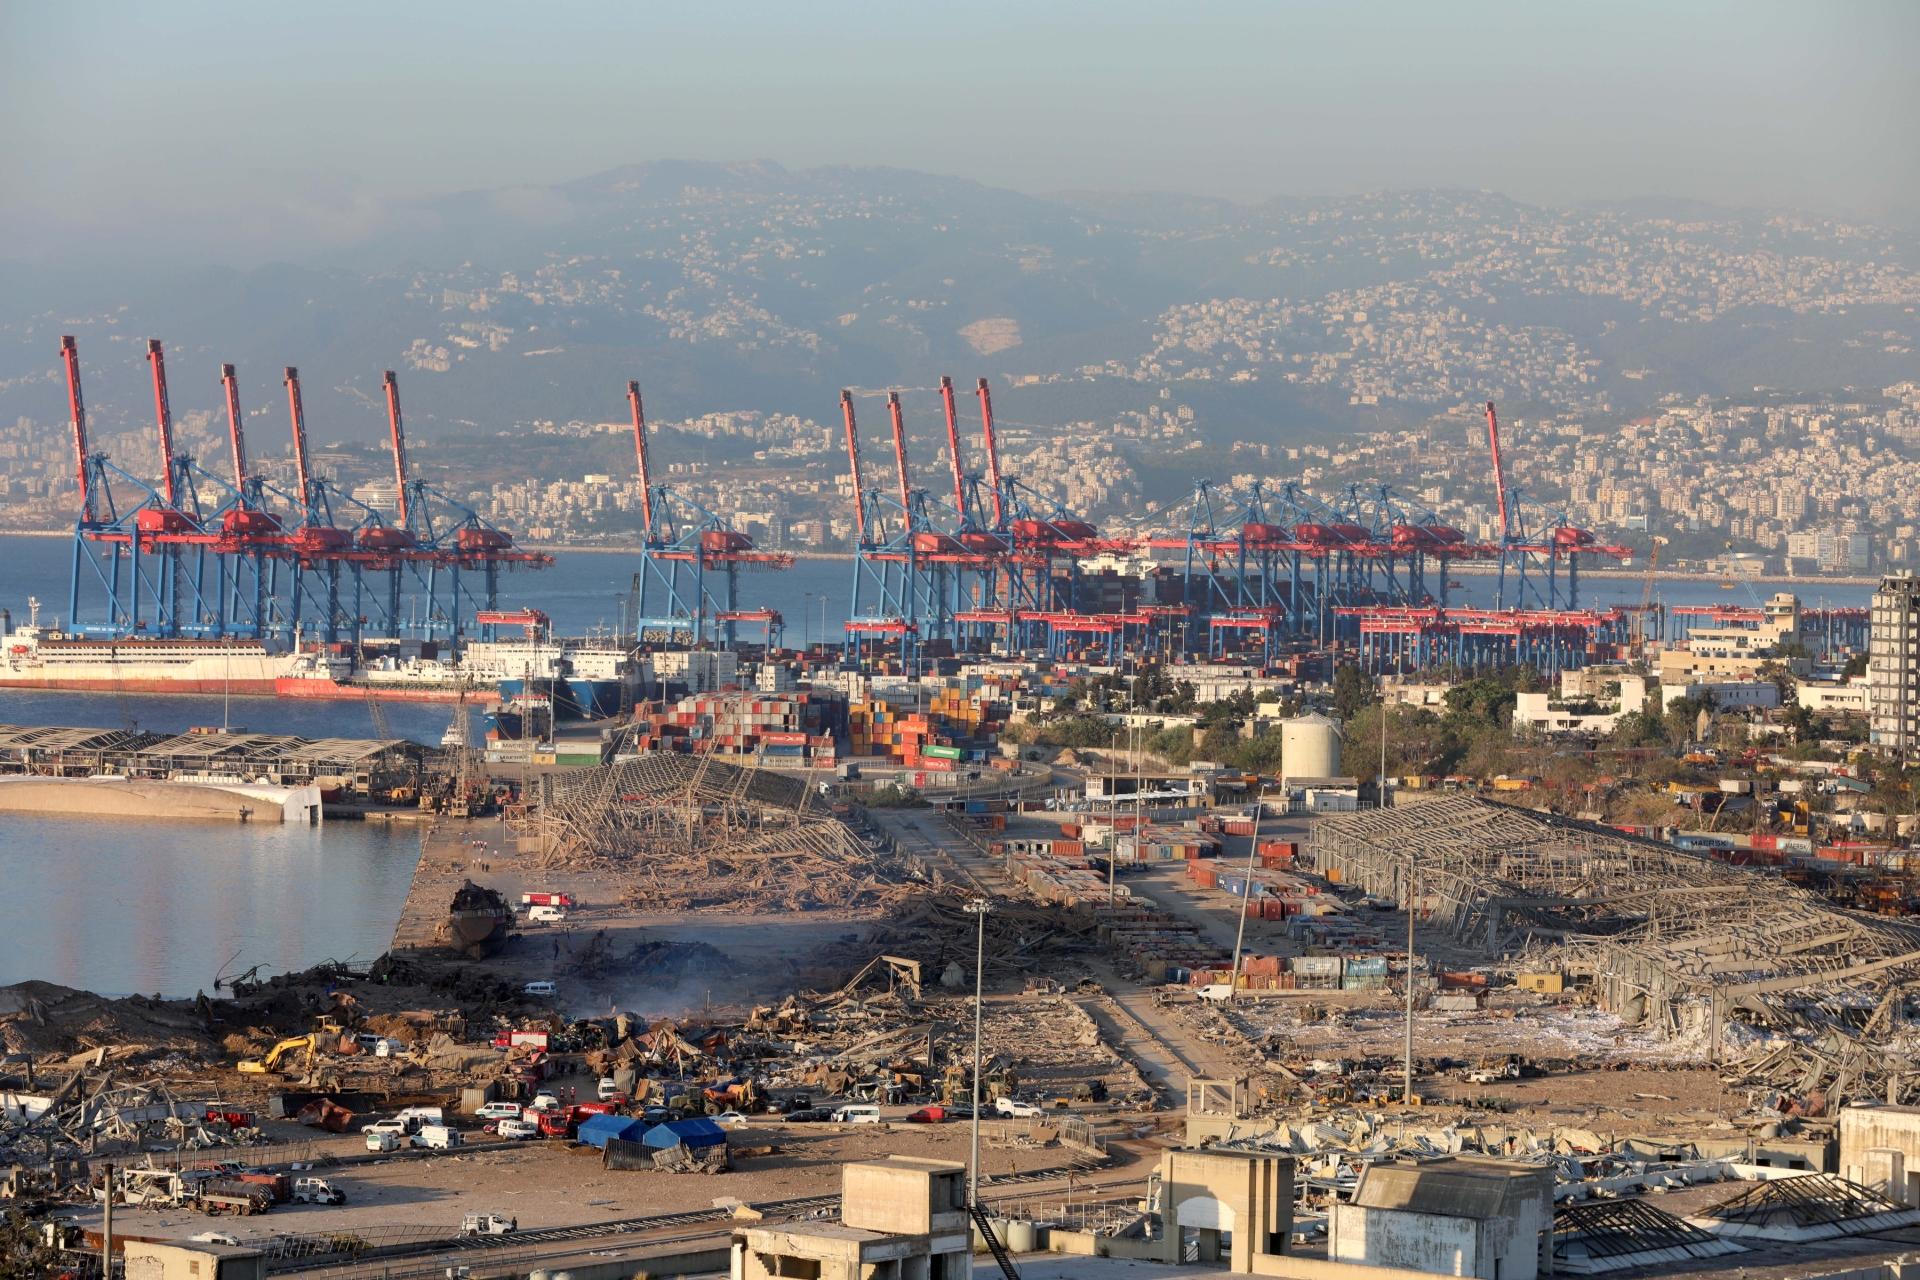 Área portuária de Beirute ficou destruída após explosão